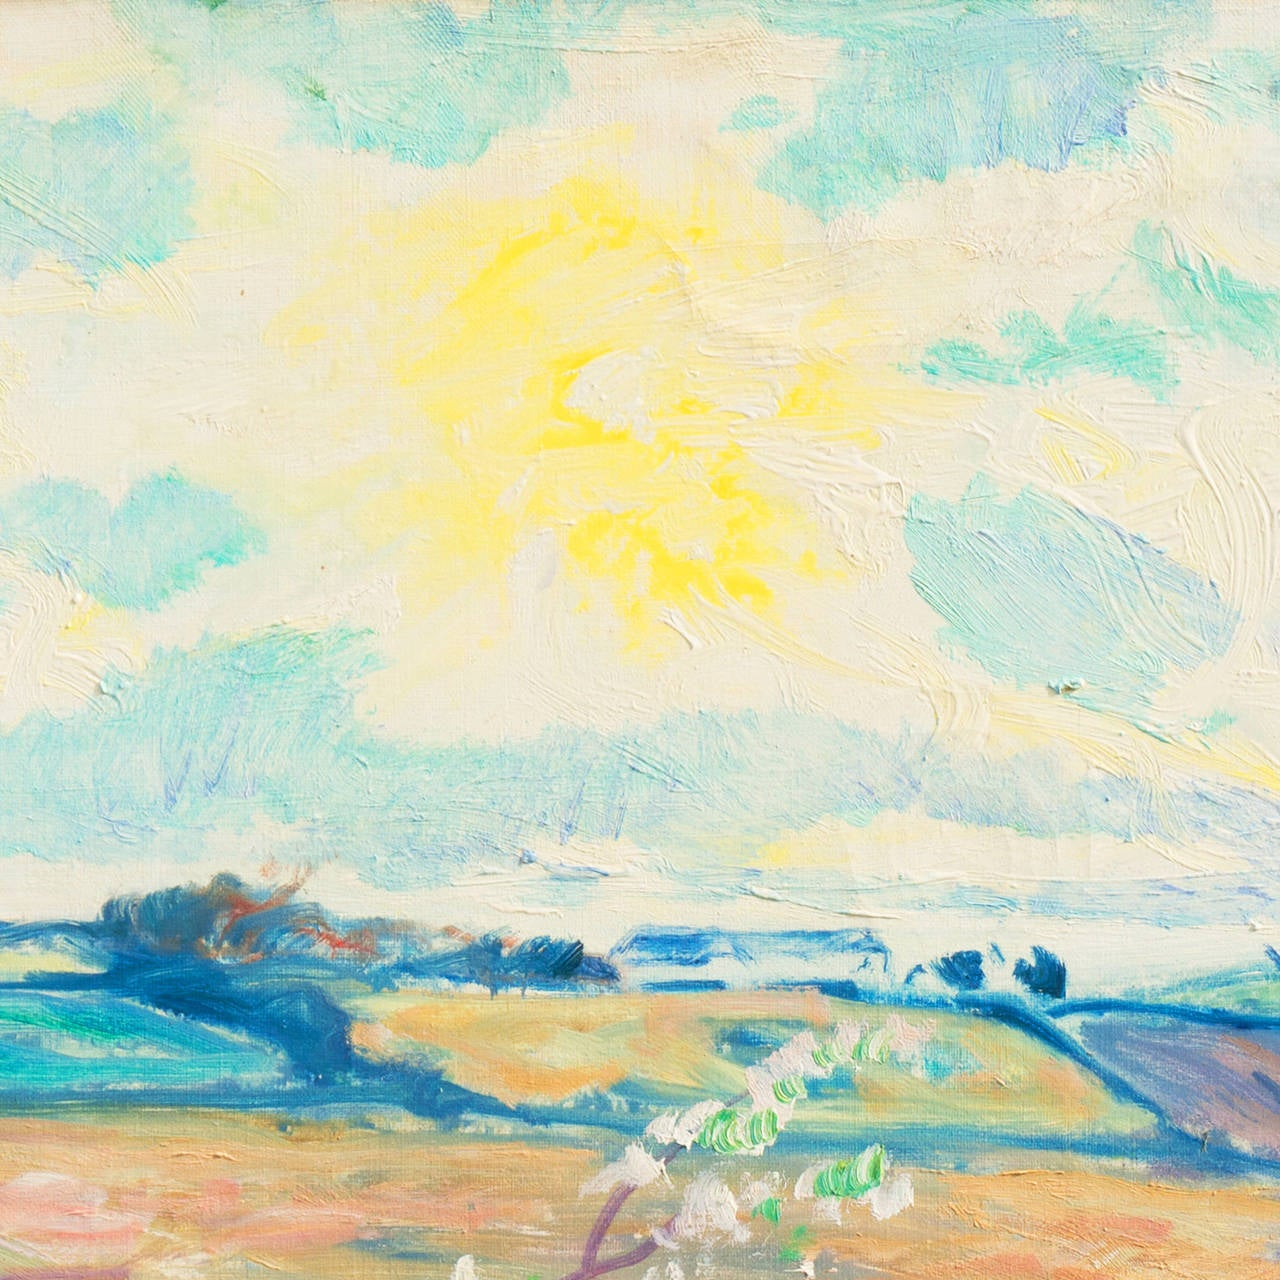 Spring Landscape - Beige Landscape Painting by Ejnar R. Kragh